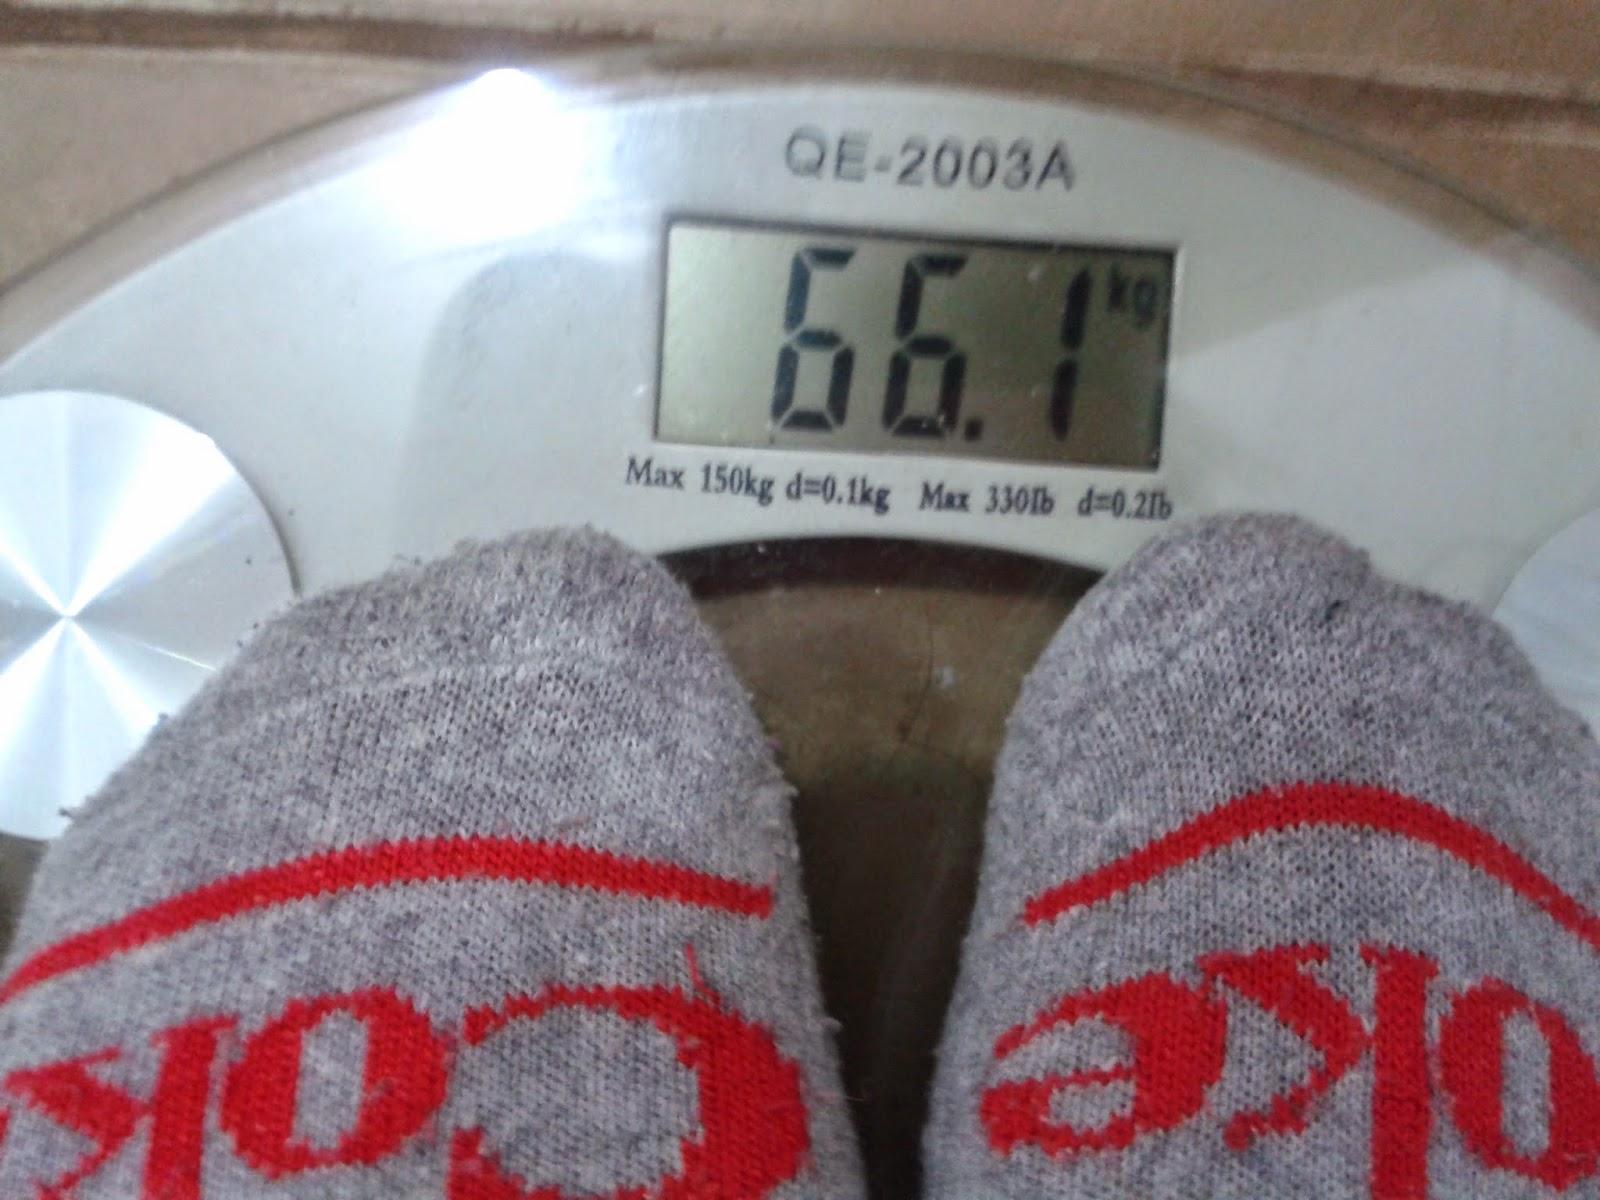 Empiezo dieta dieta lipofidica dia 45 diario de mi dieta - Dieta para ir al bano ...